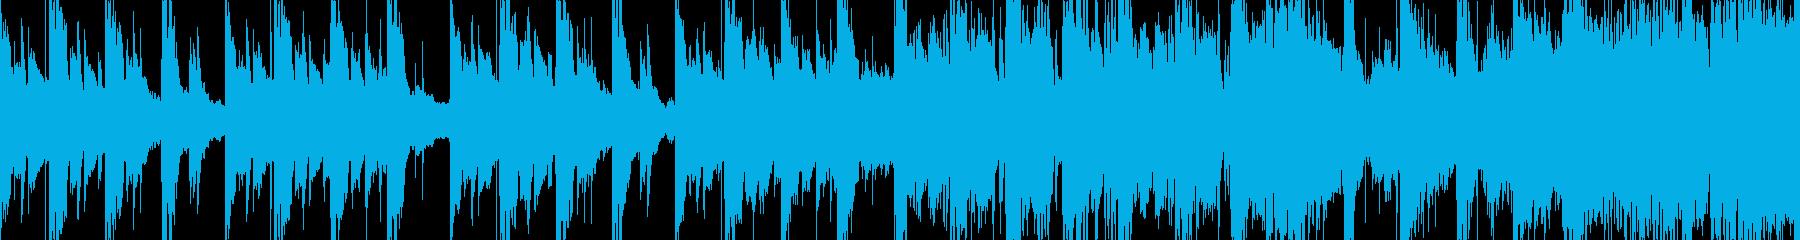 和風物悲し気なループBGMの再生済みの波形